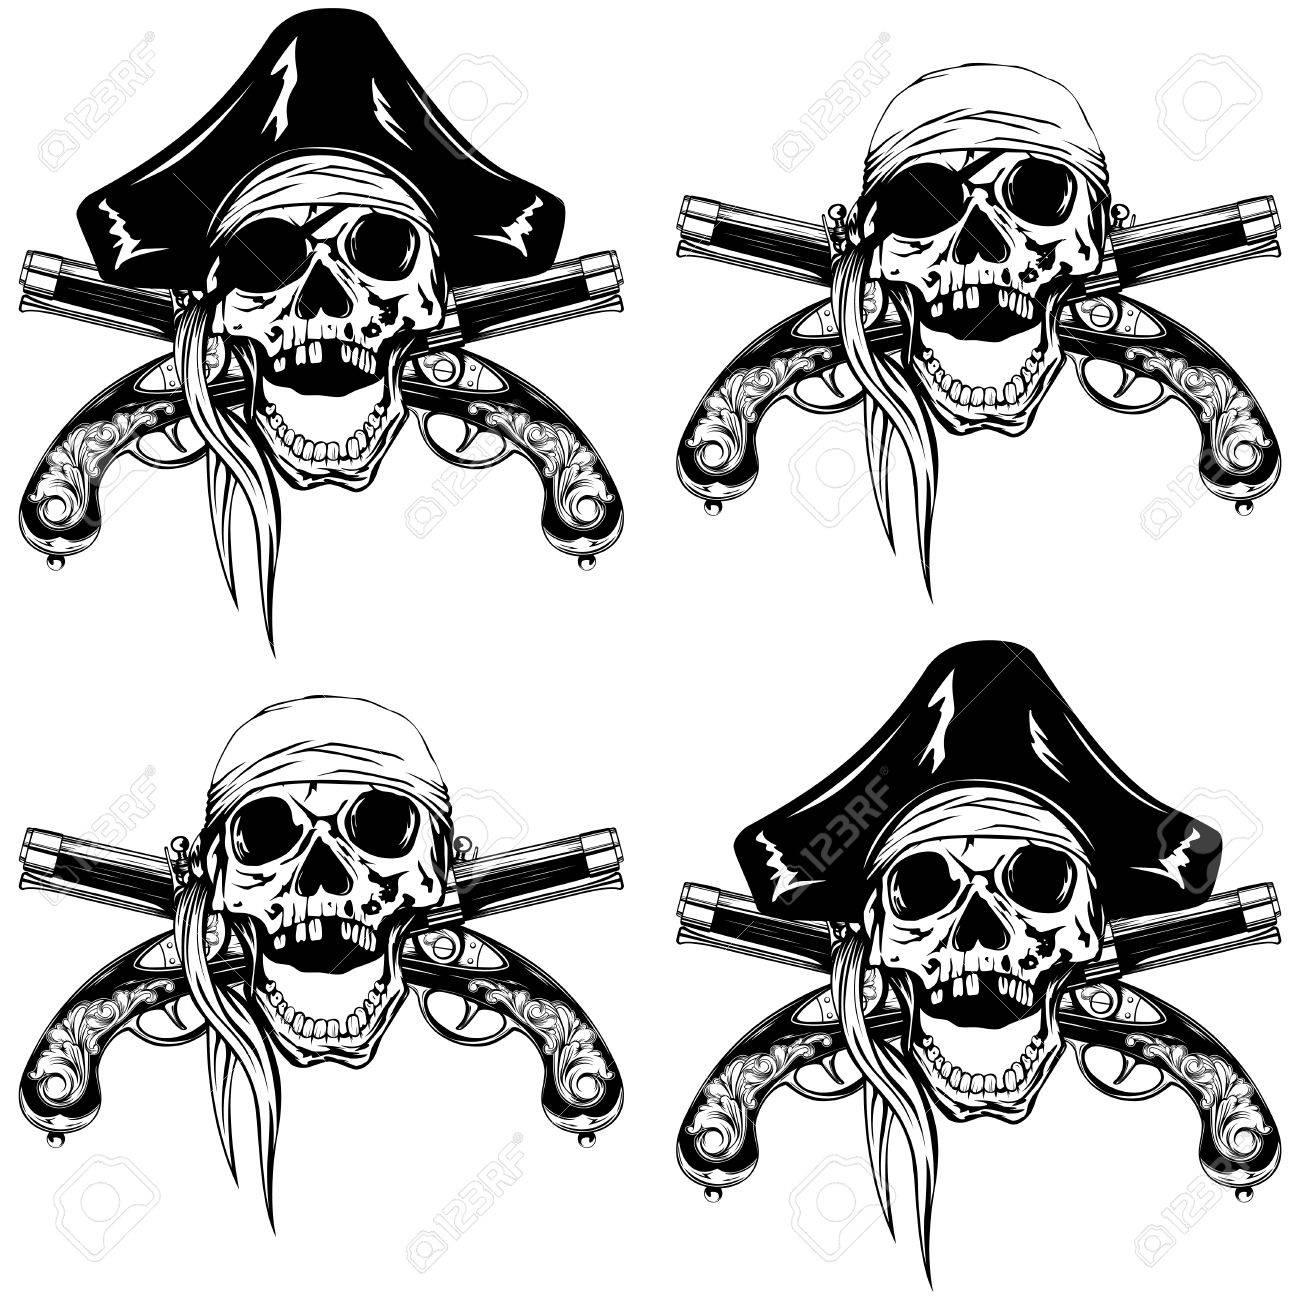 Pañuelo Pirata Ilustración Vectorial Cráneo O Sombrero De Tres Picos ...